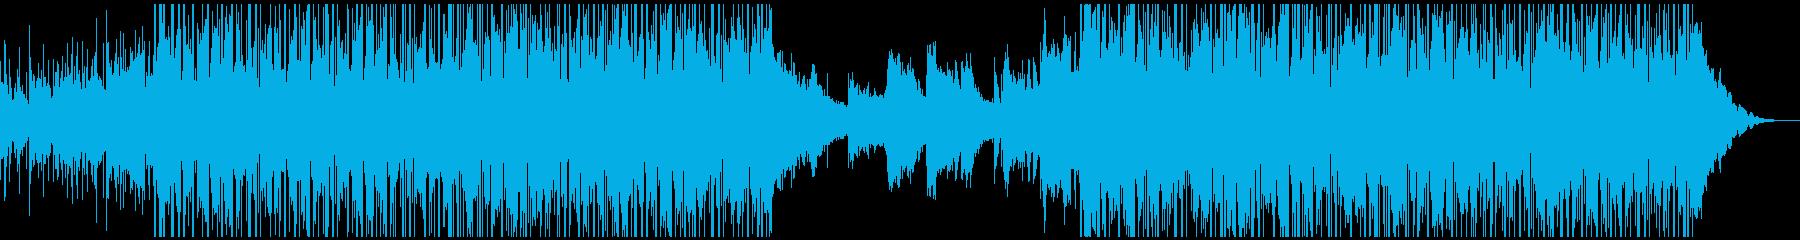 実験的な 感情的 バラード シンセ...の再生済みの波形